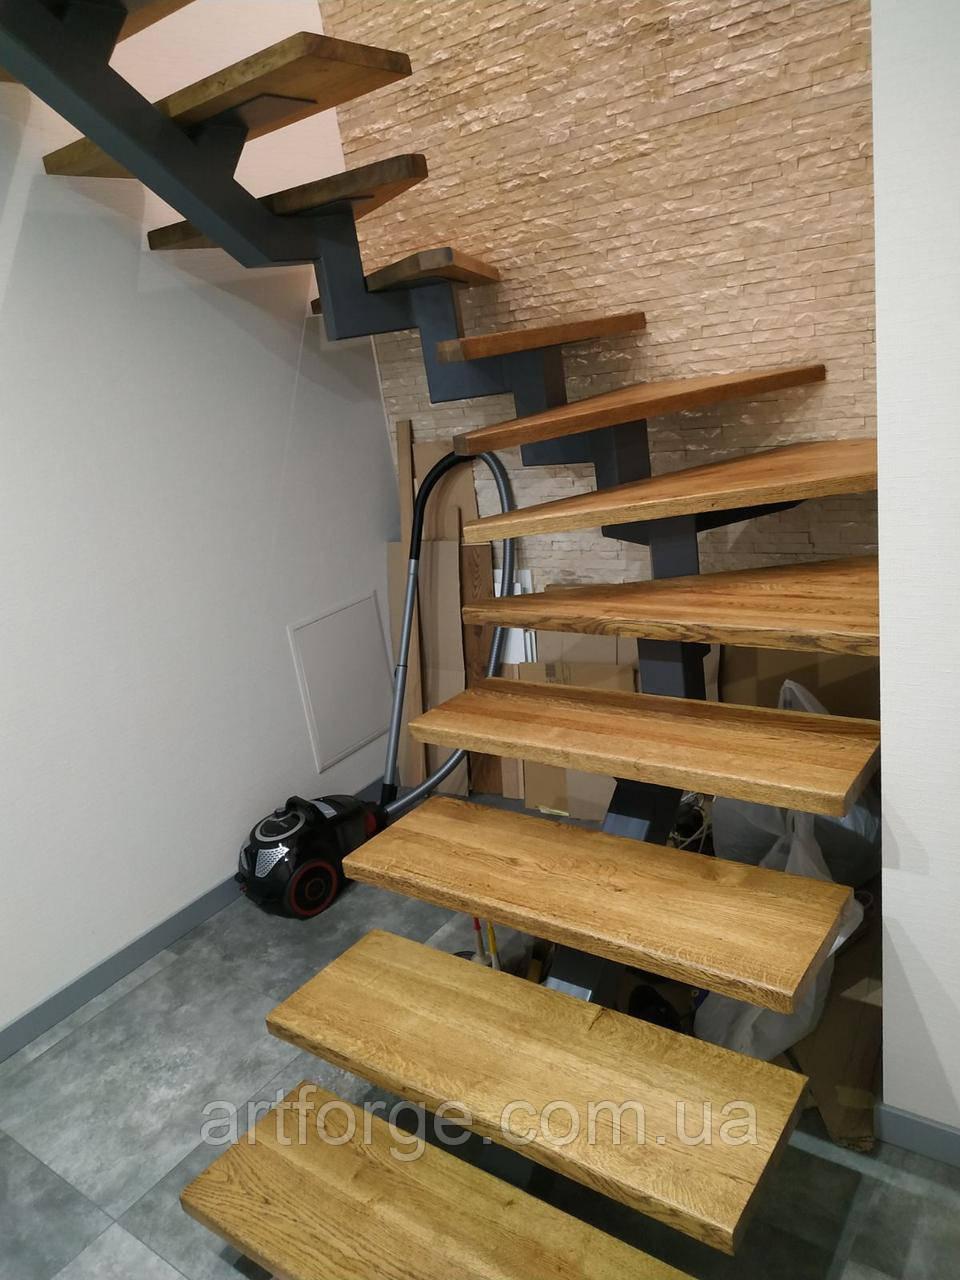 Открытая лестница в современном стиле на центральном монокосоуе. П-образная лестница в квартиру, дом, котедж.